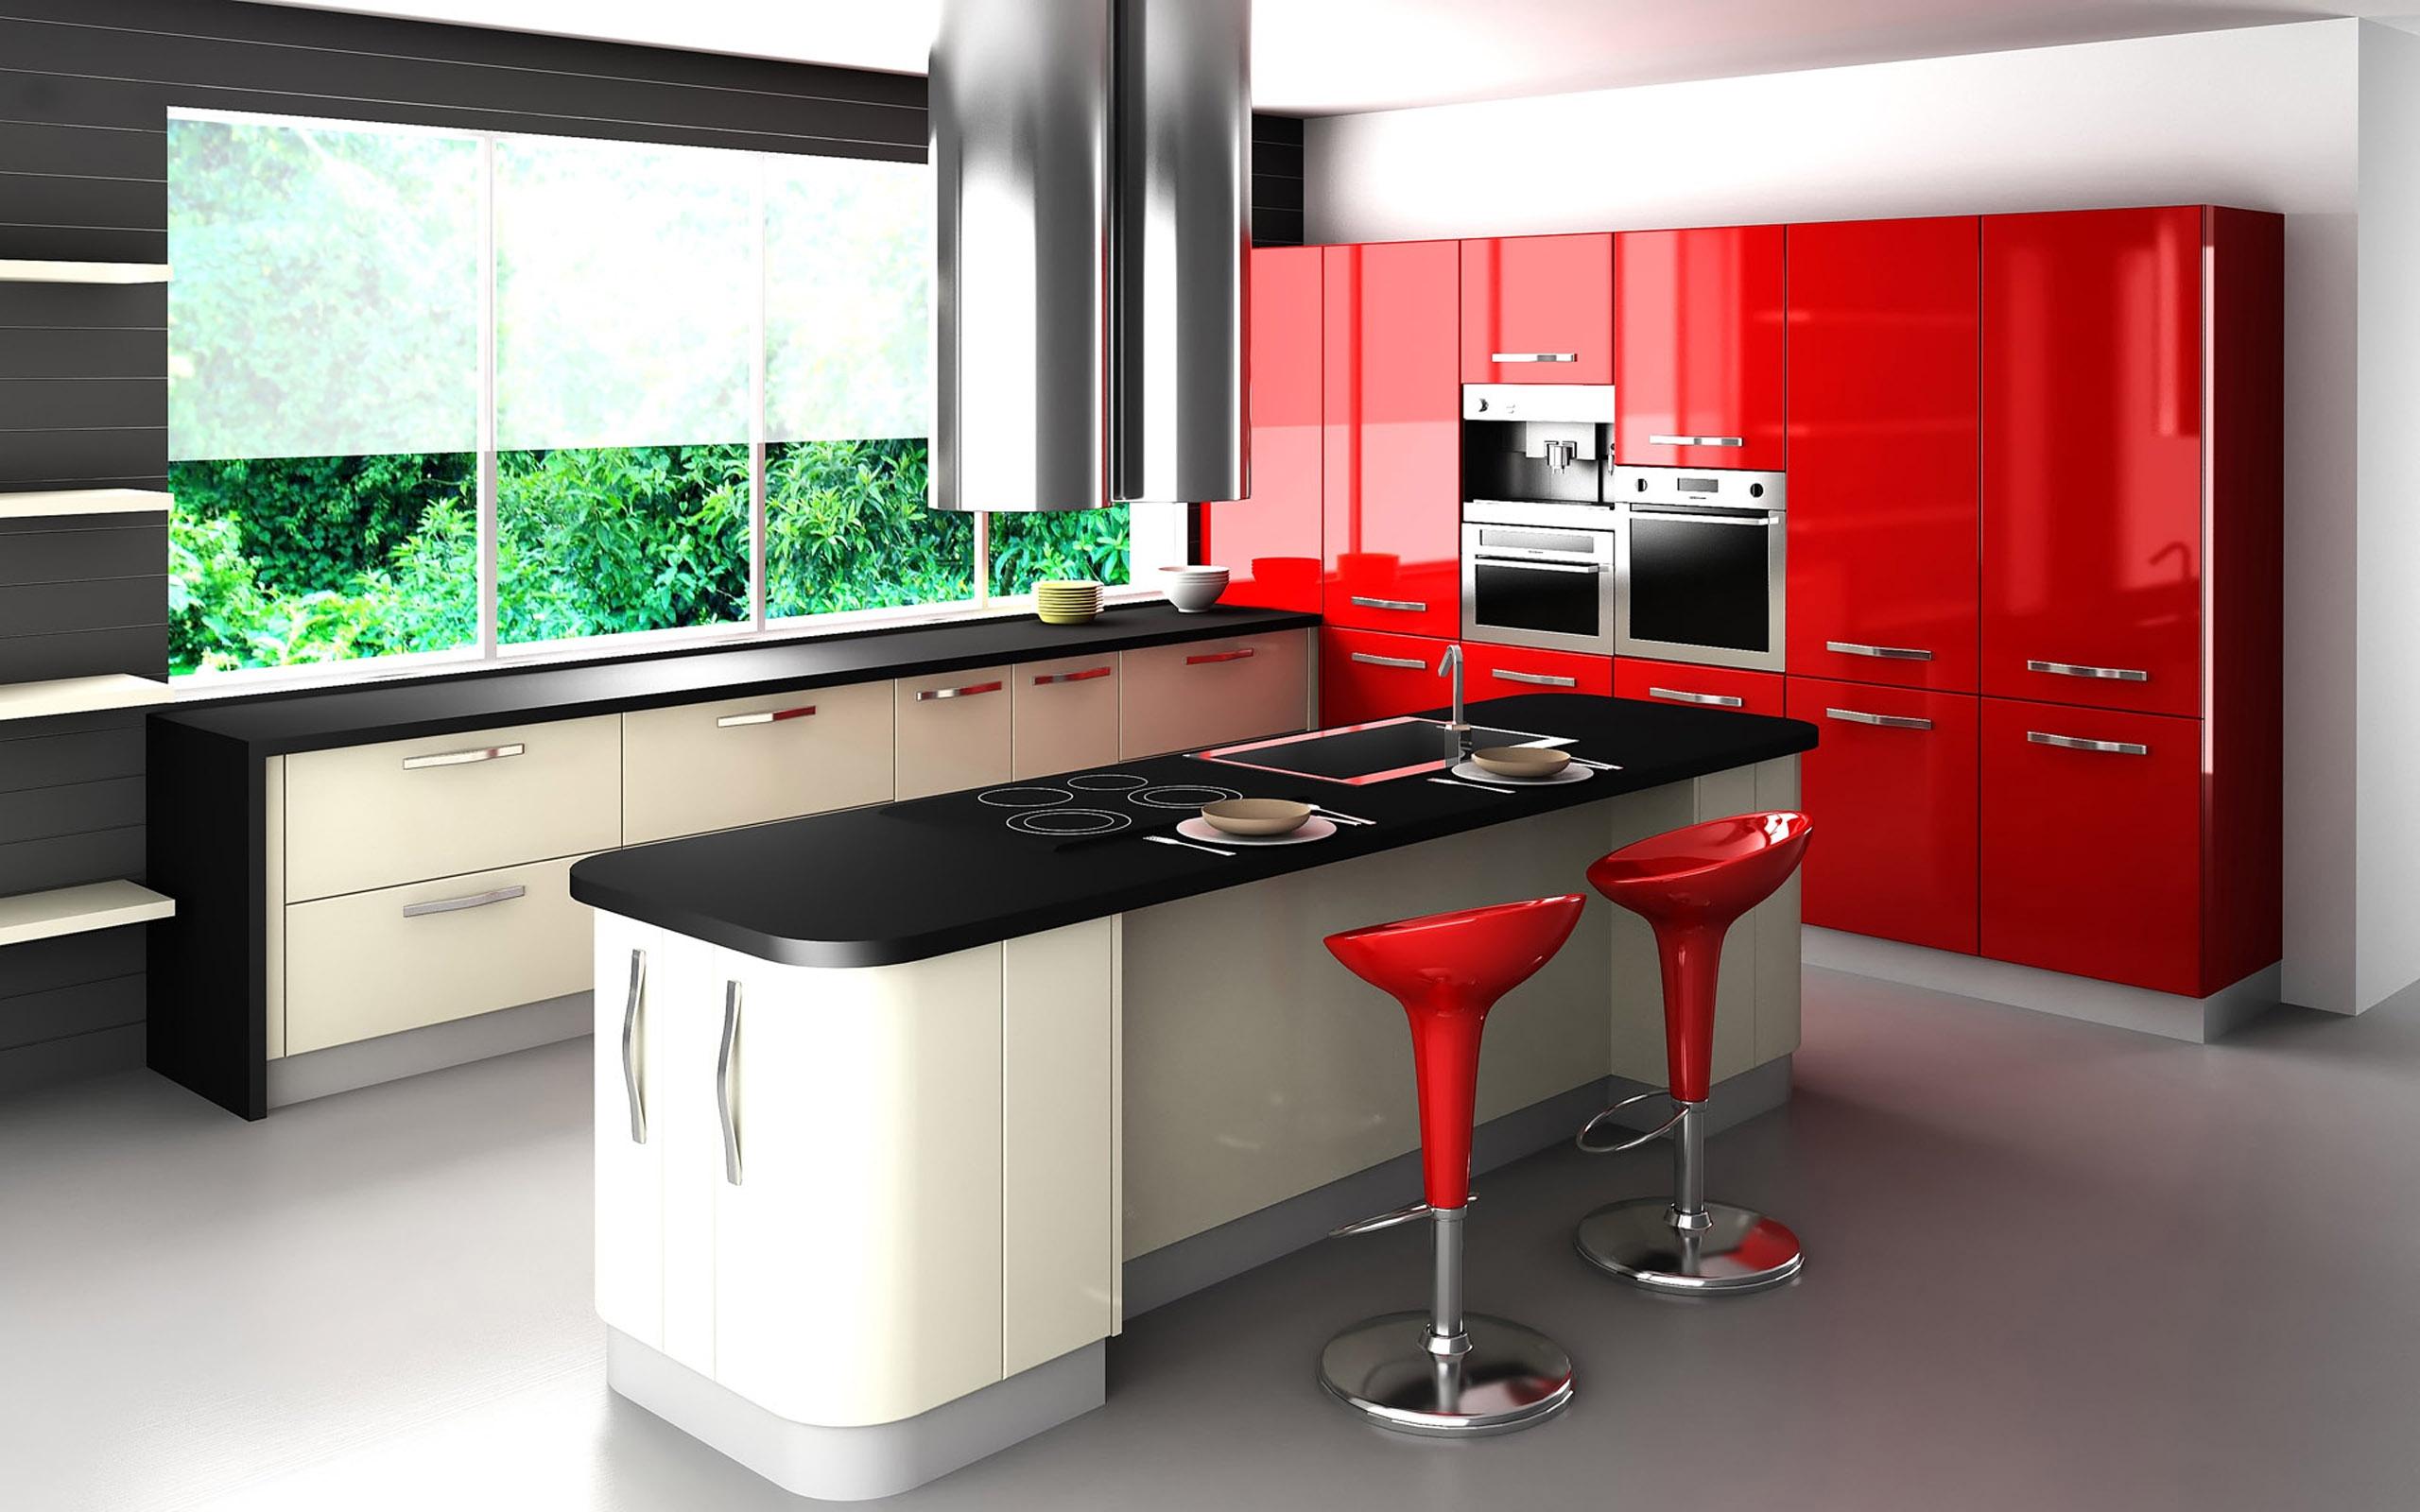 Combinando Cores na Decoração: Cozinha Vermelha